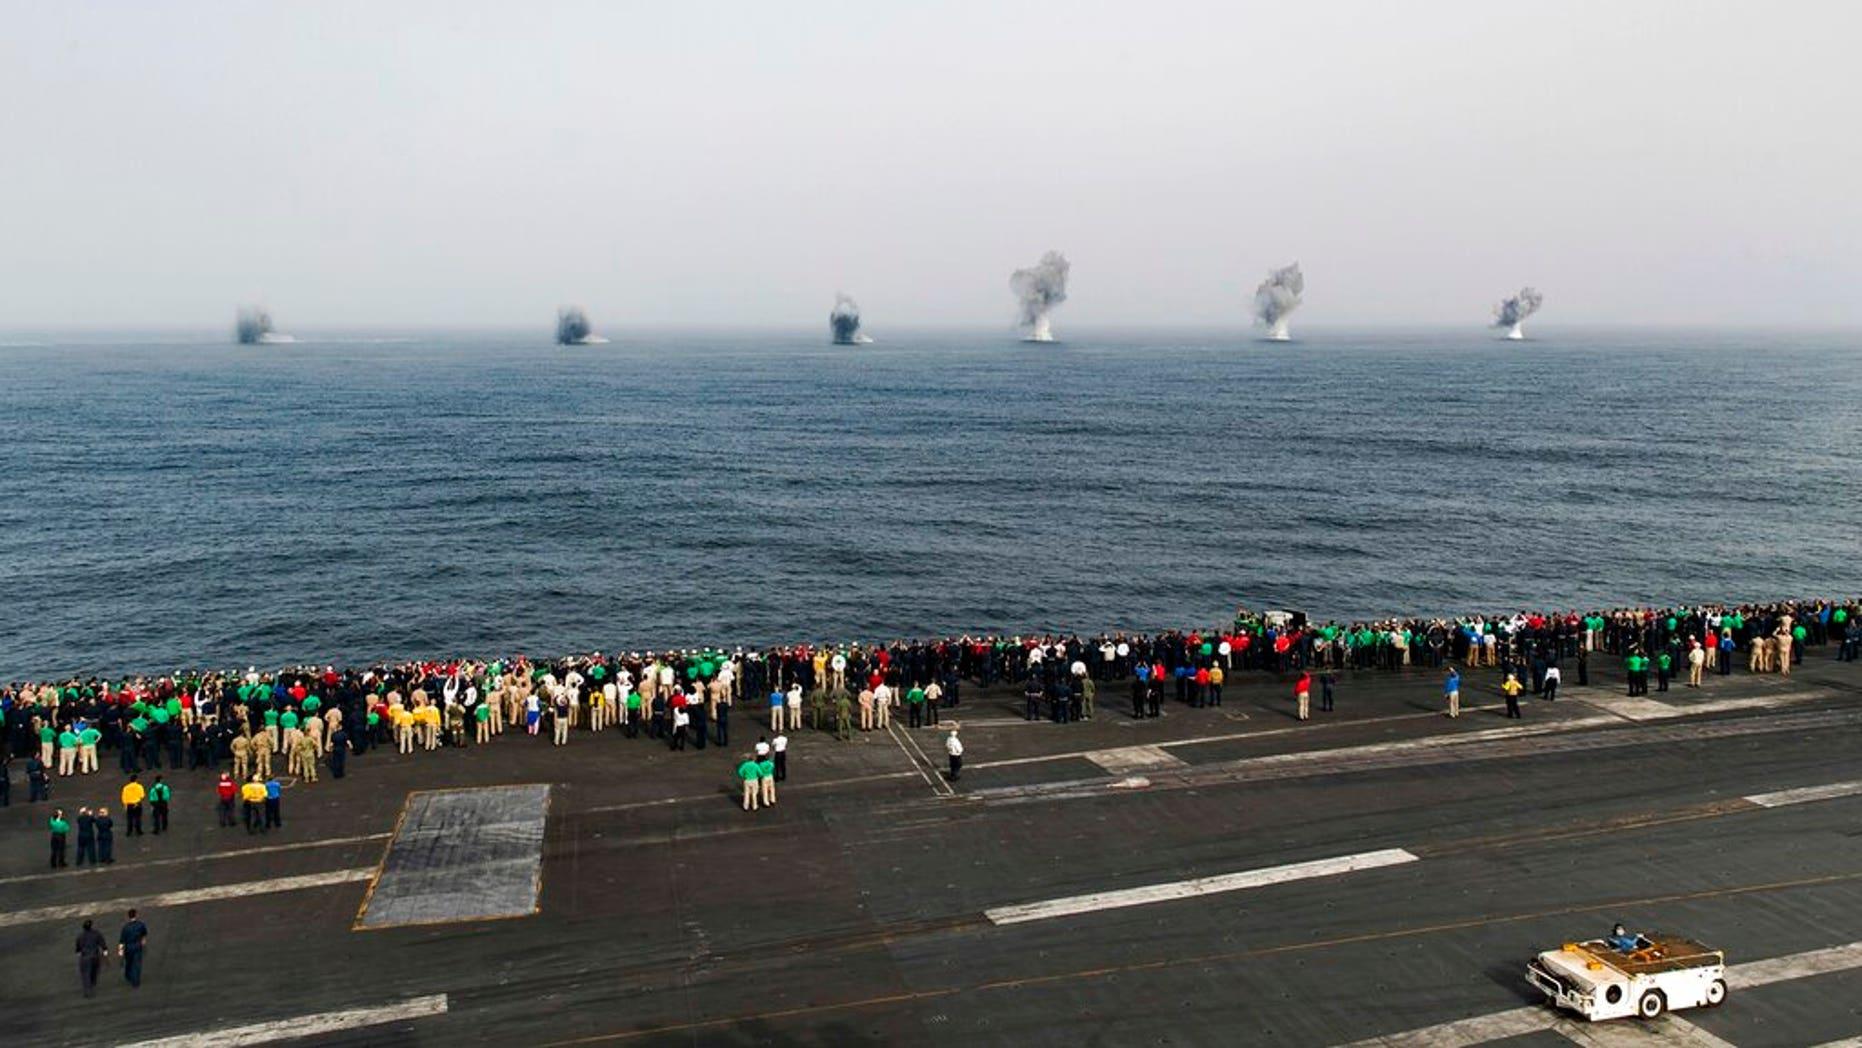 """در این پنجشنبه، 4 ژوئیه 2019، عکس ساخته شده توسط نیروی دریایی ایالات متحده در دسترس، دو F / A-18 Super Hornets اختصاص داده شده به حمل بال هواپیما (CVW 7) کاهش 1000 پوند بمب های عمومی در طول روز استقلال تظاهرات هوایی در کنار هواپیمای بدون سرنشین هواپیمای نامزدی ایالات متحده آمریکا آبراهام لینکلن در دریای عرب. ایالات متحده آمریکا ابراهیم لینکلن در خلال تنش بین ایالات متحده و ایران به عنوان """"معامله هسته ای 2015"""" با قدرت های جهانی متوقف شد. (متخصص ارتباطات ارتباطات کلاس سوم، Dan Snow / U.S. Navy از طریق AP)"""